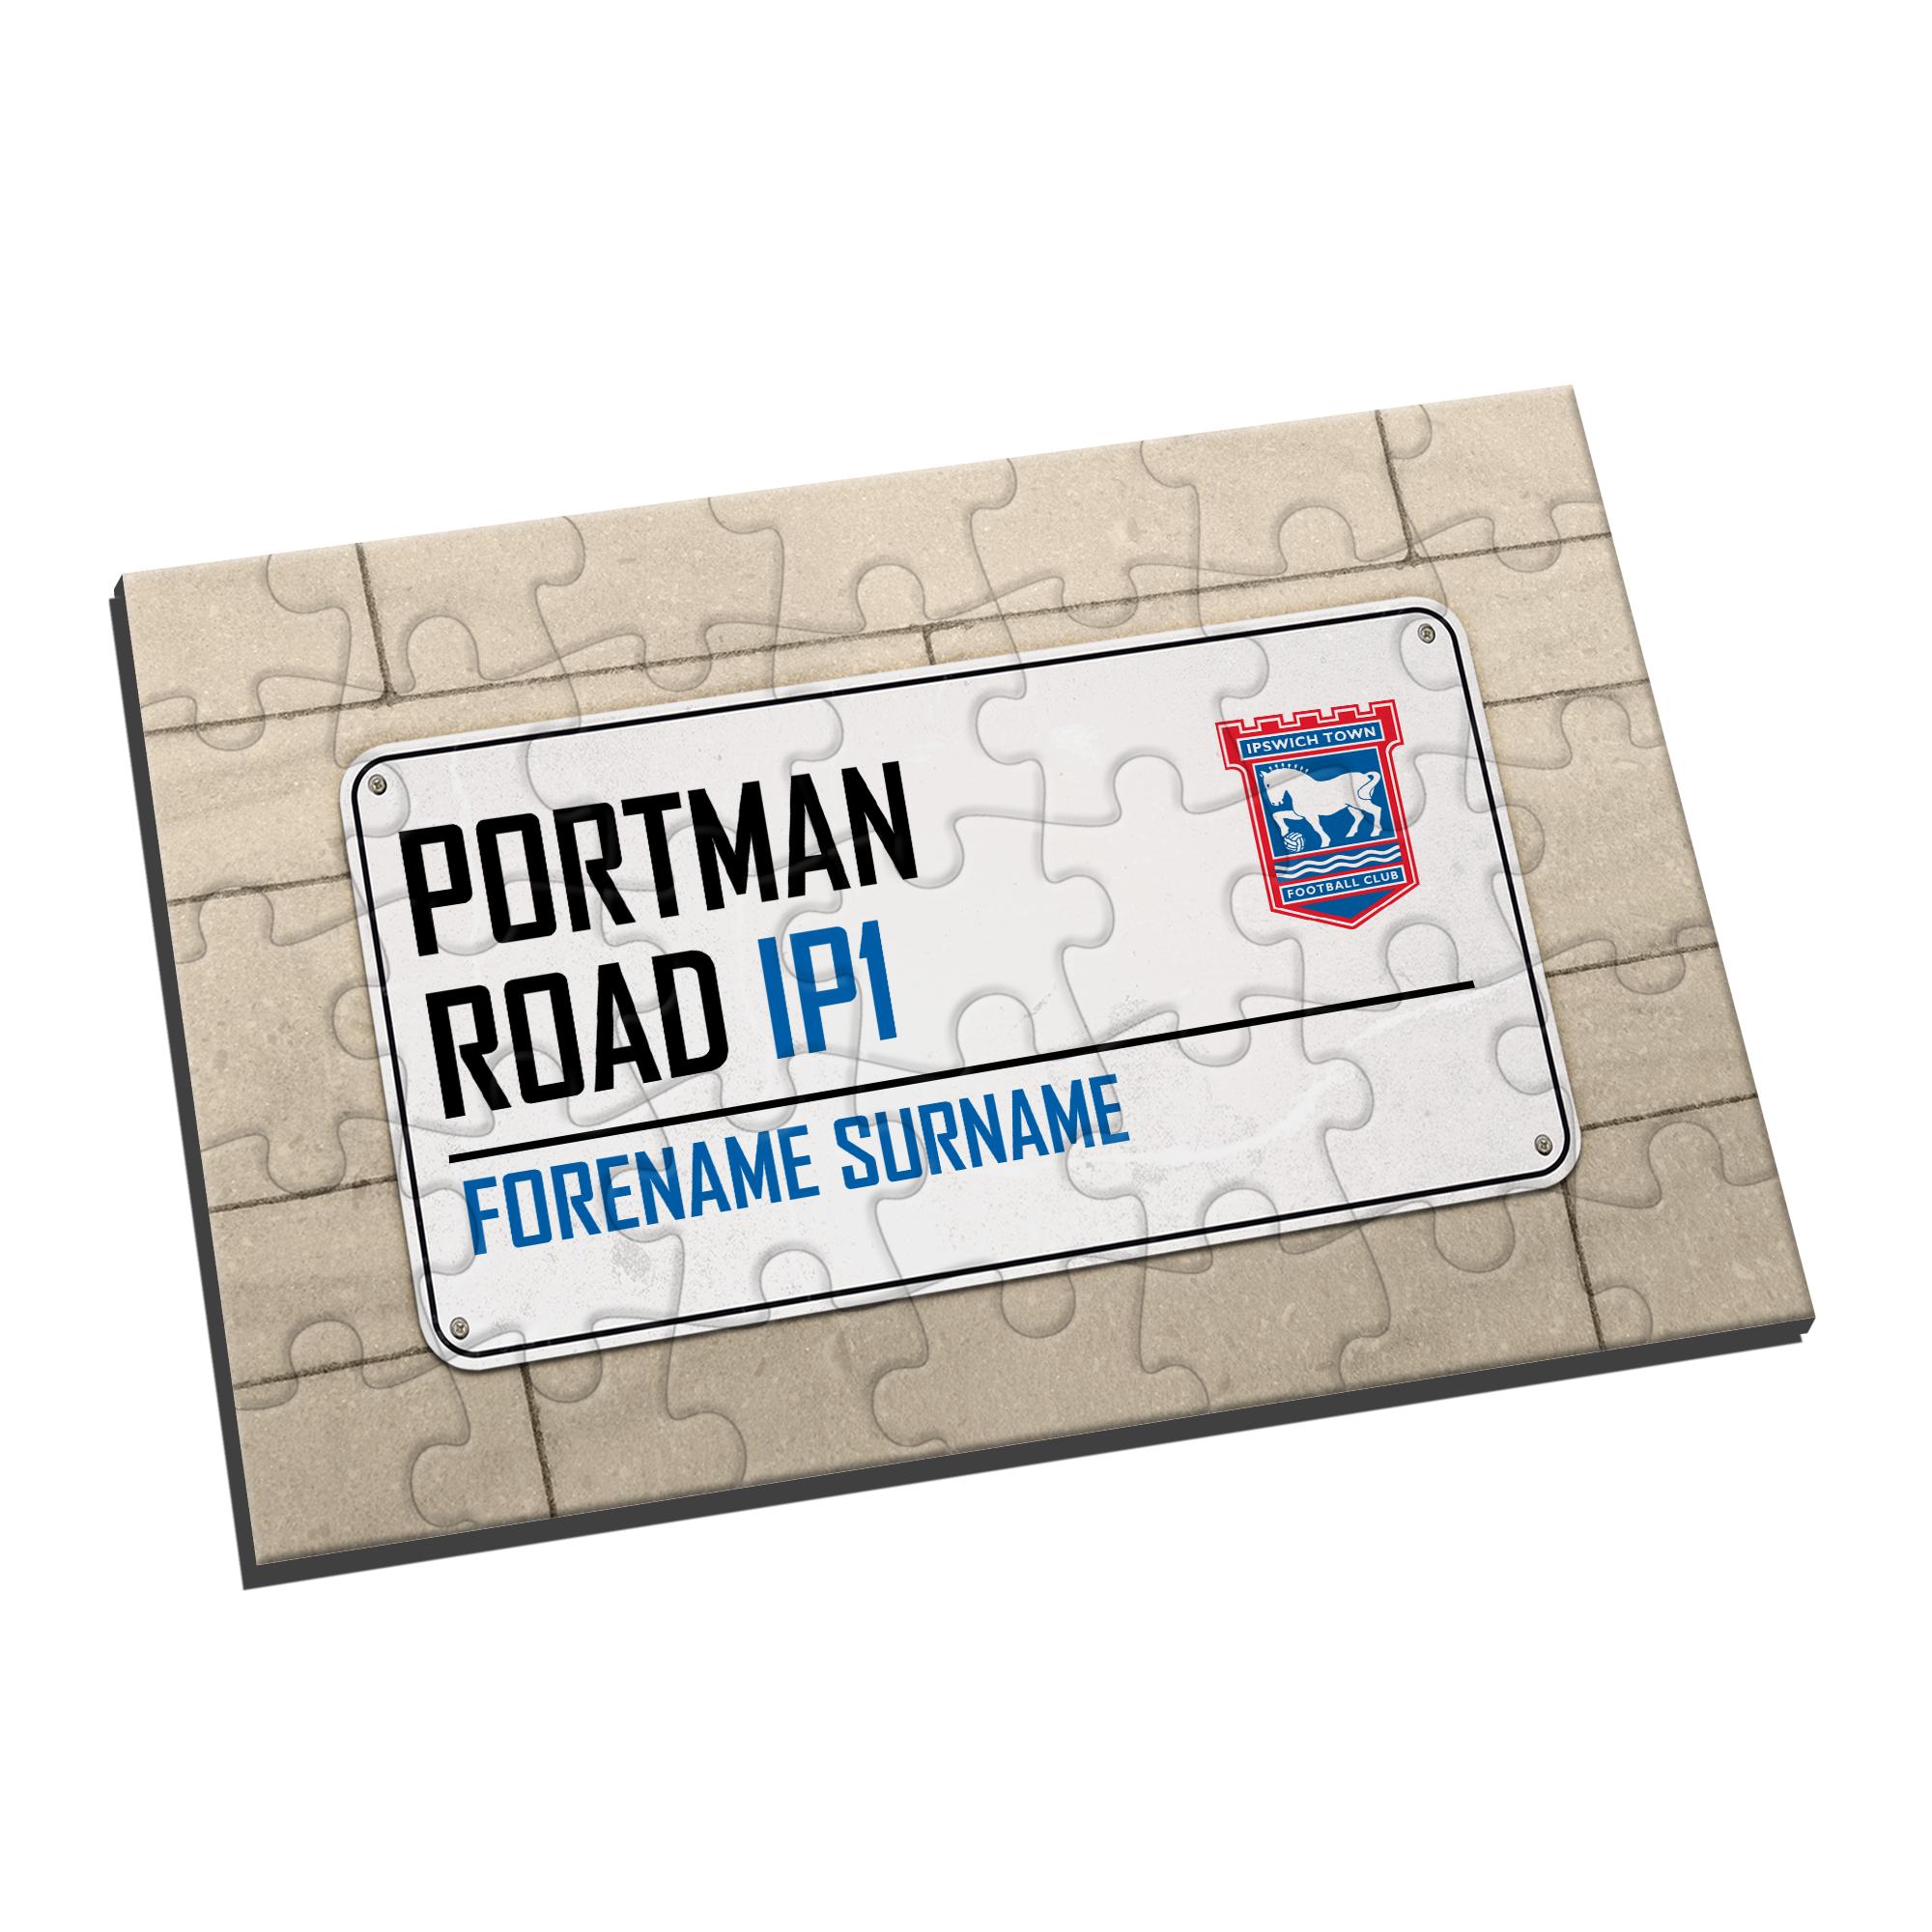 Ipswich Town FC Street Sign Jigsaw